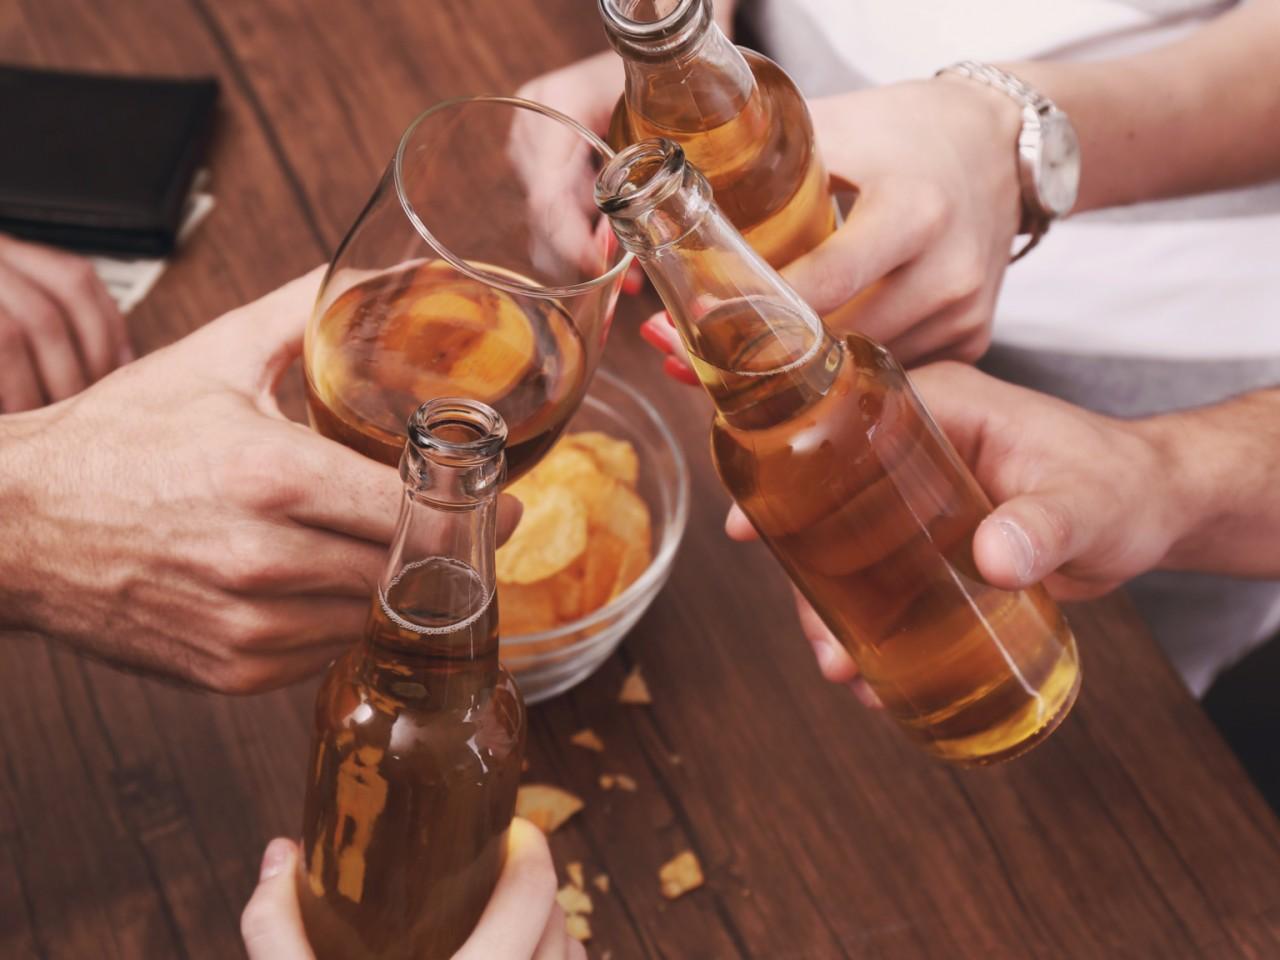 Панкреатин и алкоголь: панкреатин при отравлении алкоголем